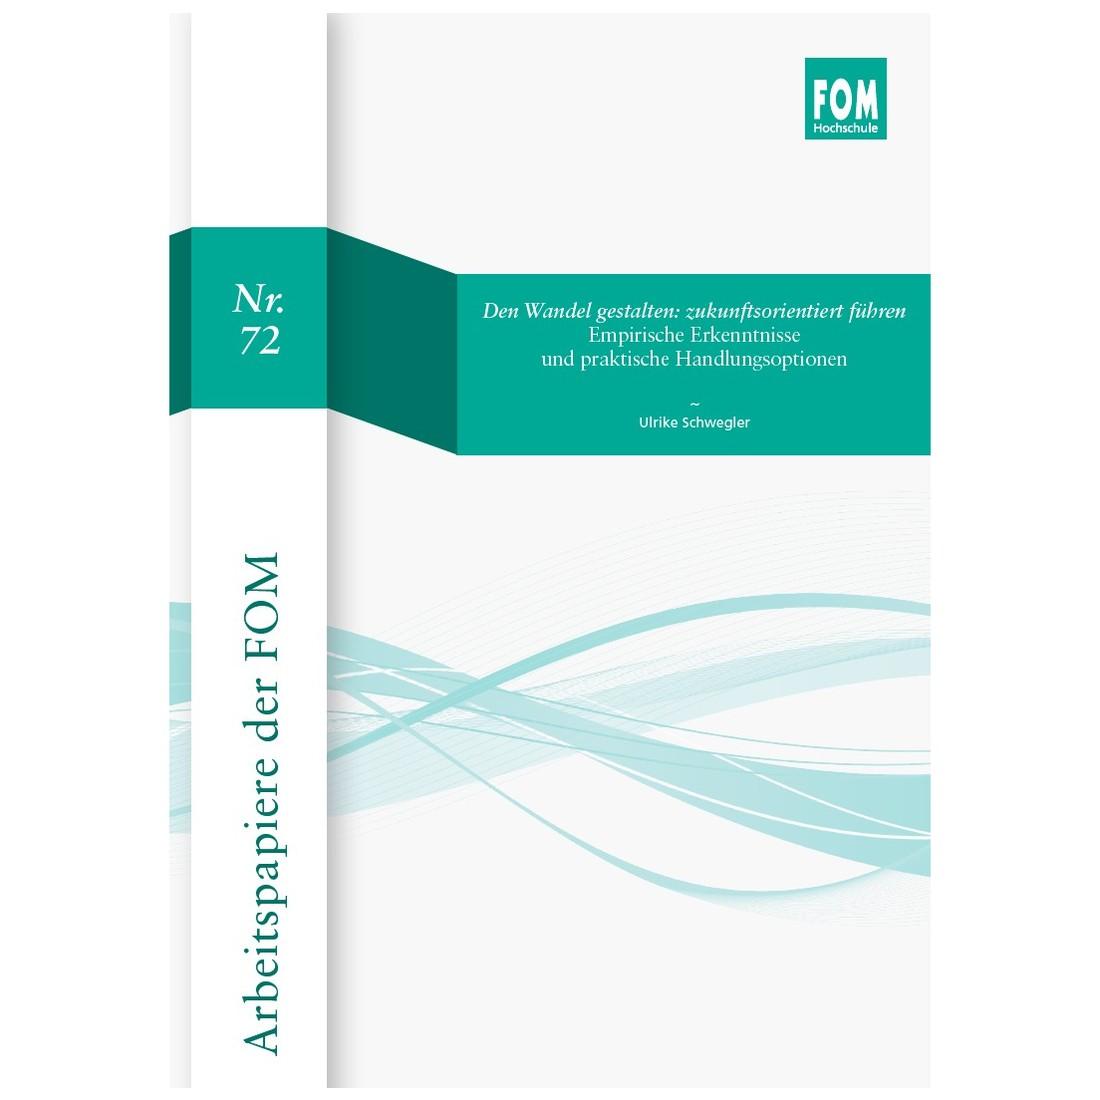 Arbeitspapiere der FOM, Nr. 72 - Den Wandel gestalten: zukunftsorientiert führen